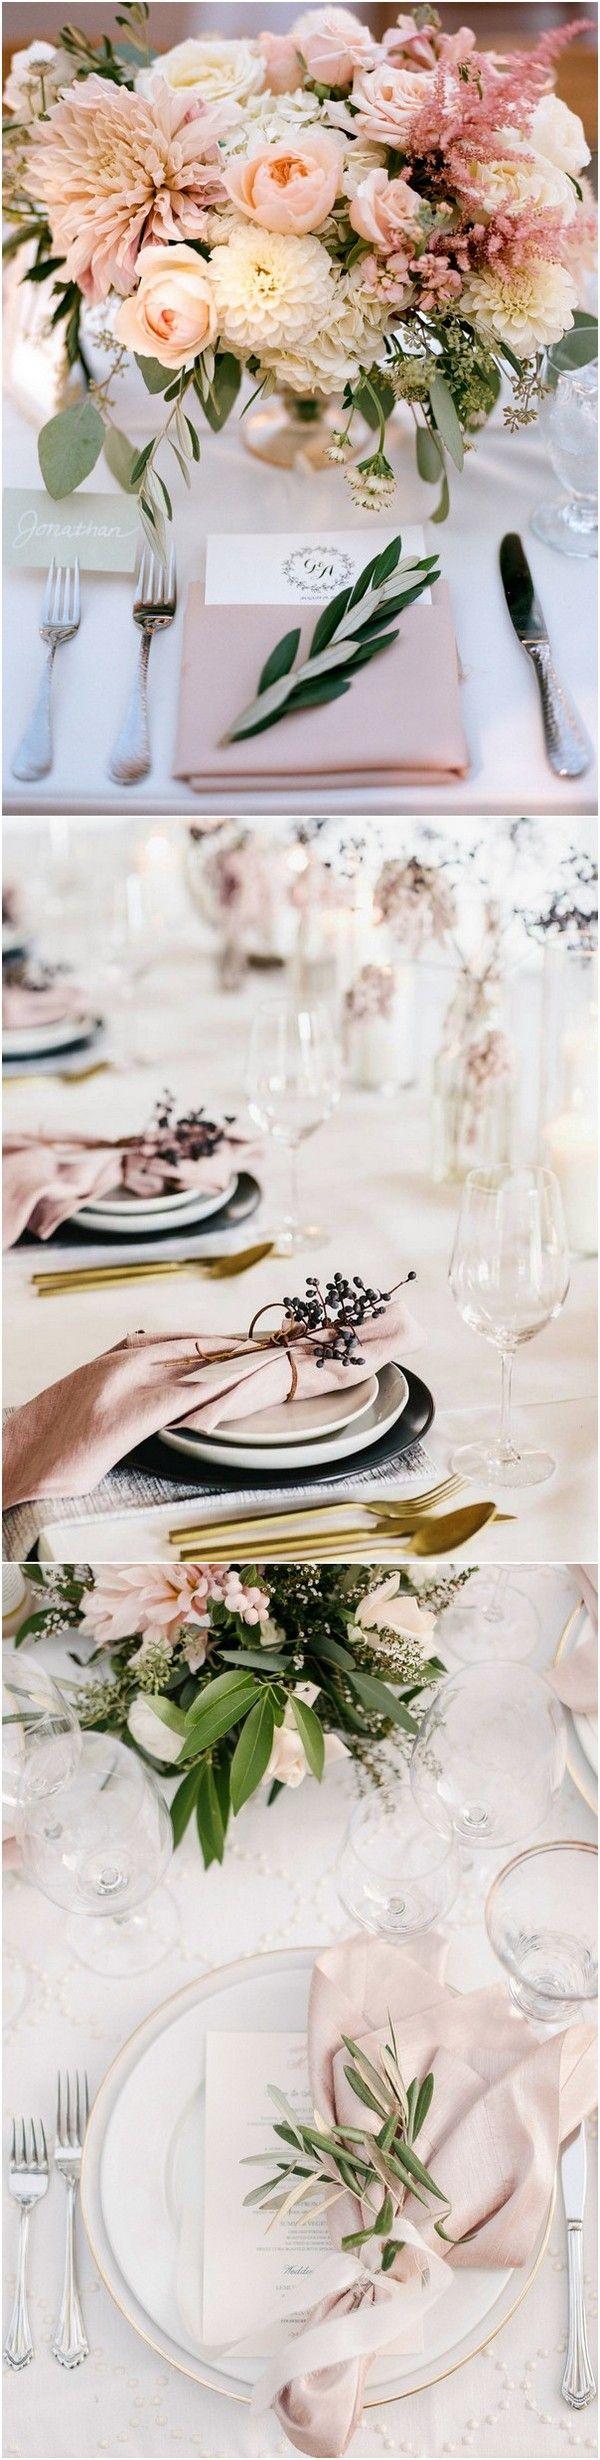 pink and gold wedding table settings for 2018 #wedding #weddingdecor #weddingideas